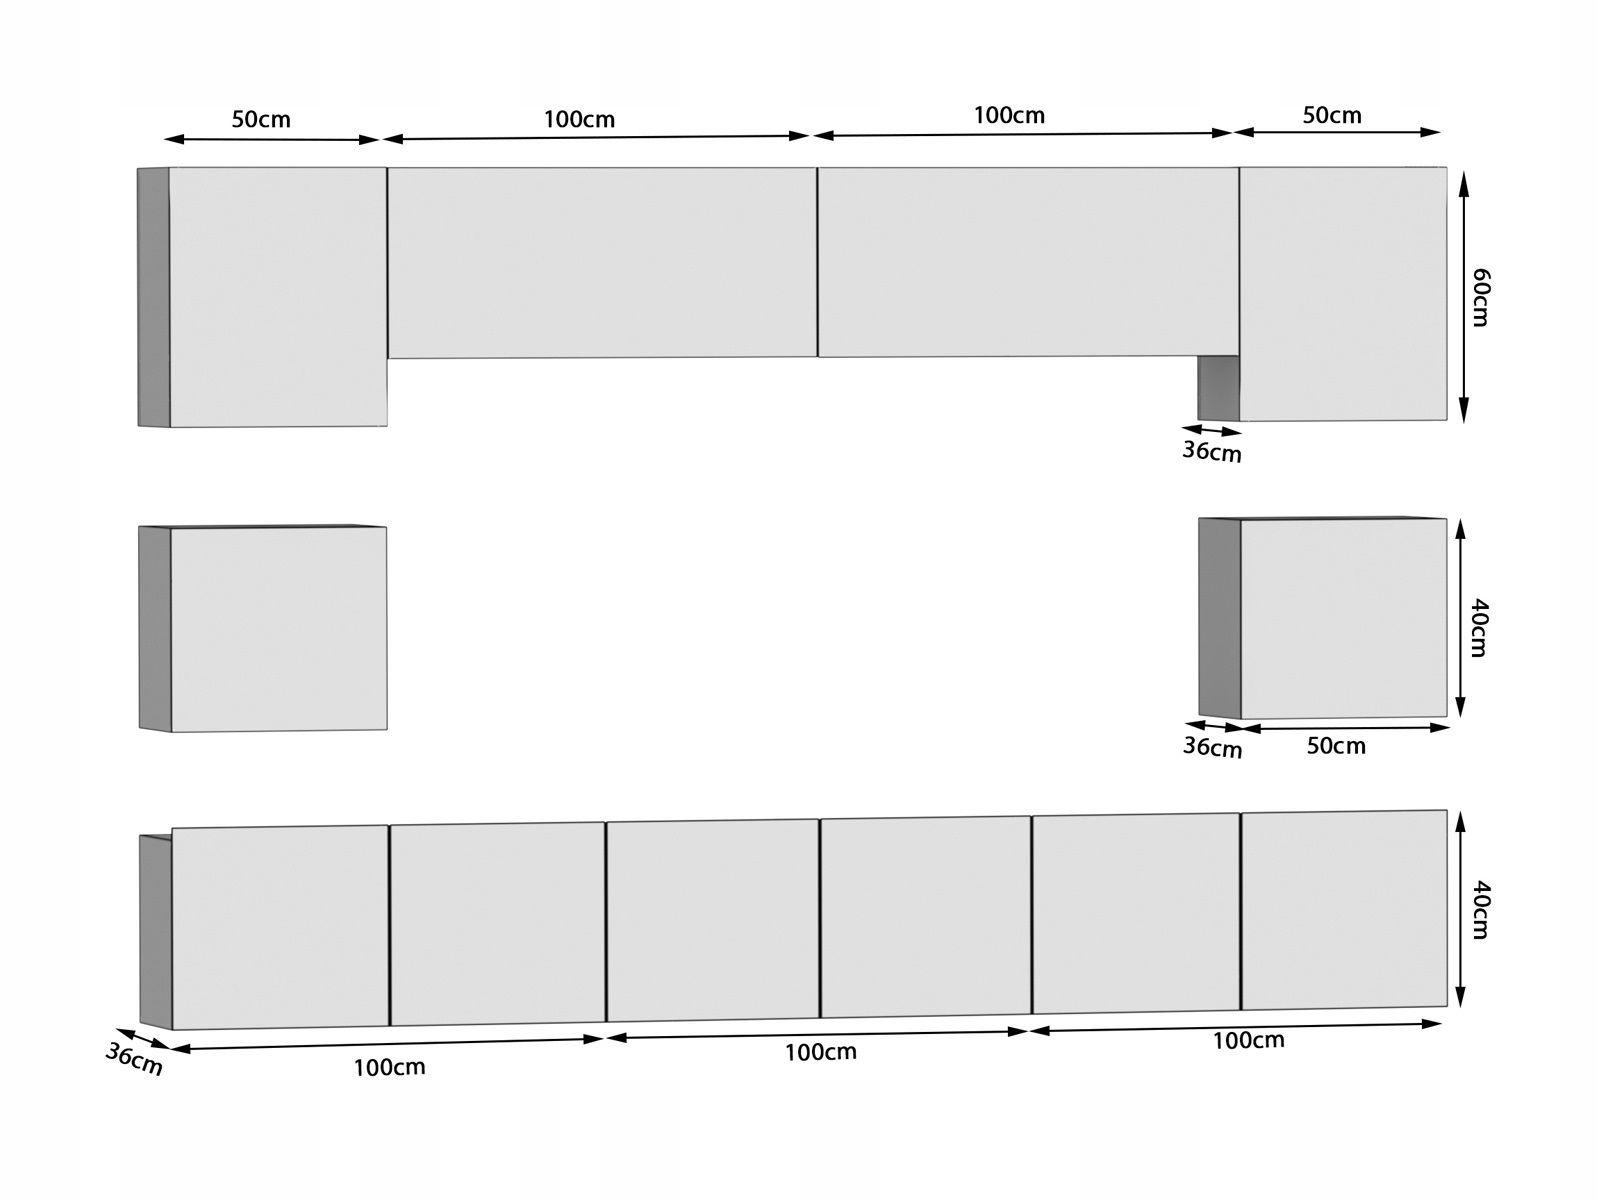 Mebloscianka Meble Pokojowe Do Salonu Pokoju Bar Chart